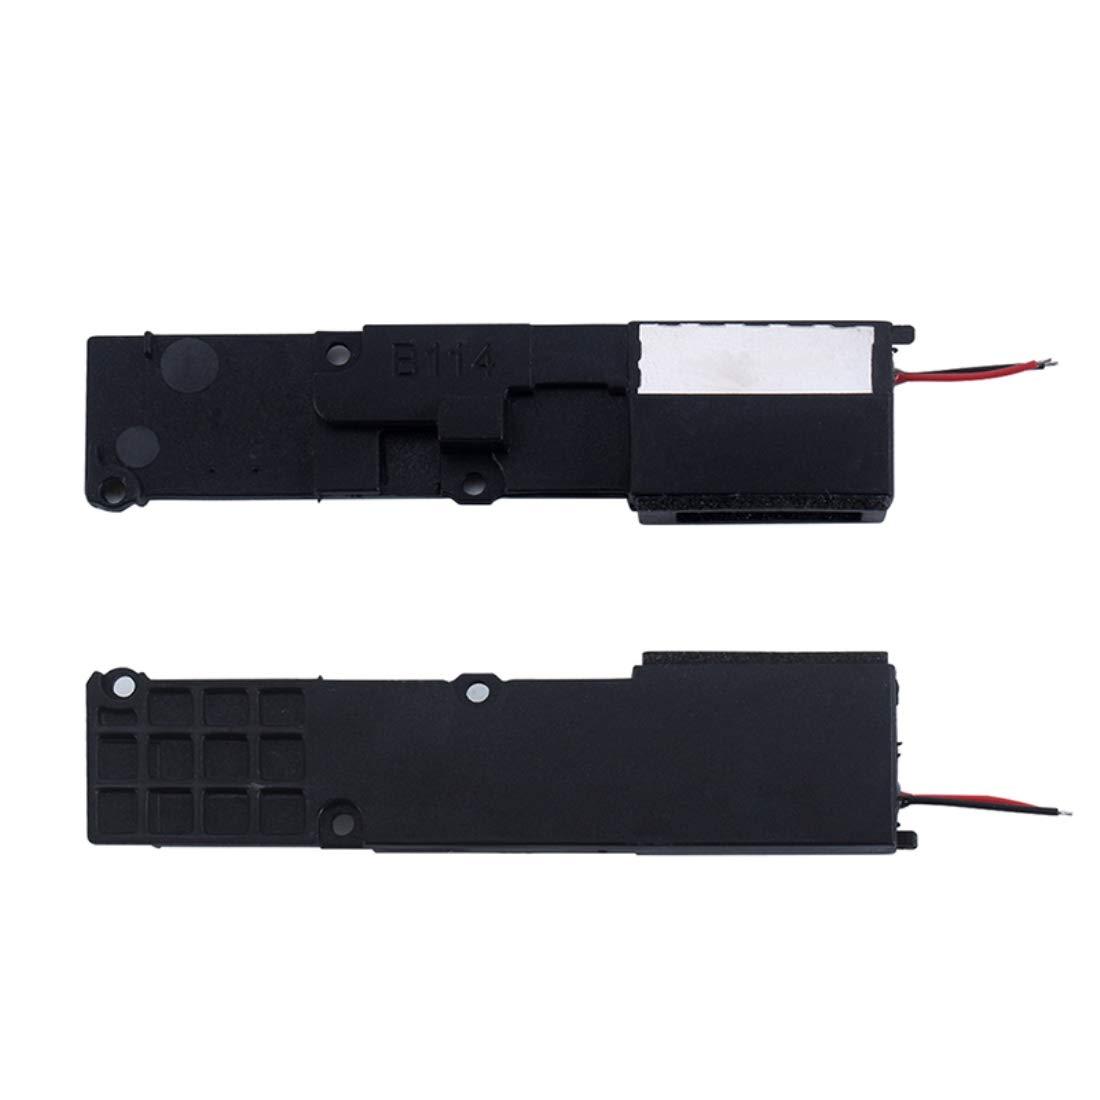 YANCAI Repuestos para Smartphone Altavoz Fuerte para VKworld Mix Plus Flex Cable: Amazon.es: Electrónica